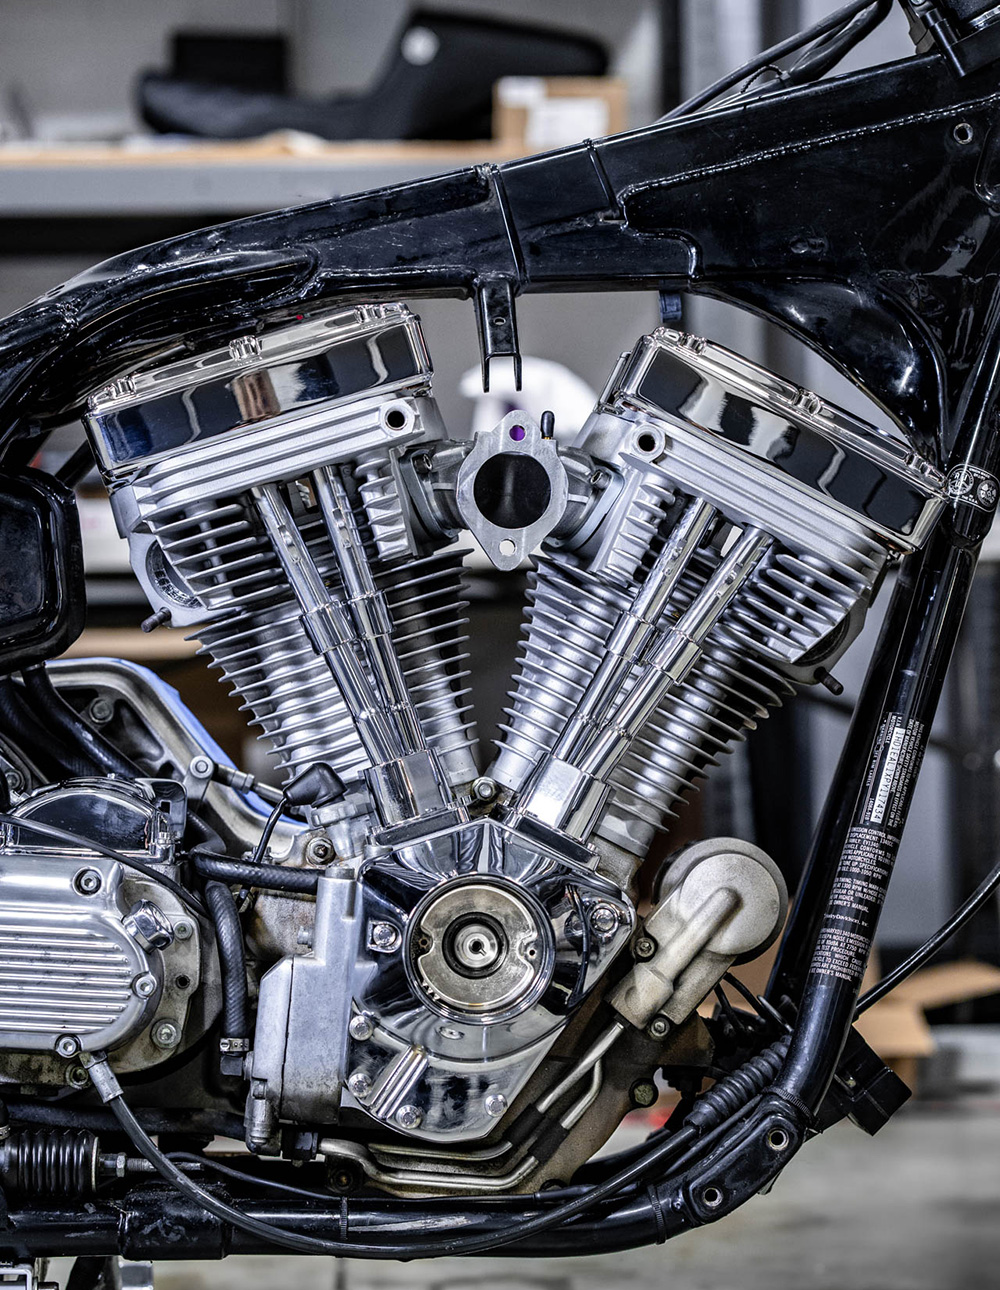 Harley FXR Motor Install